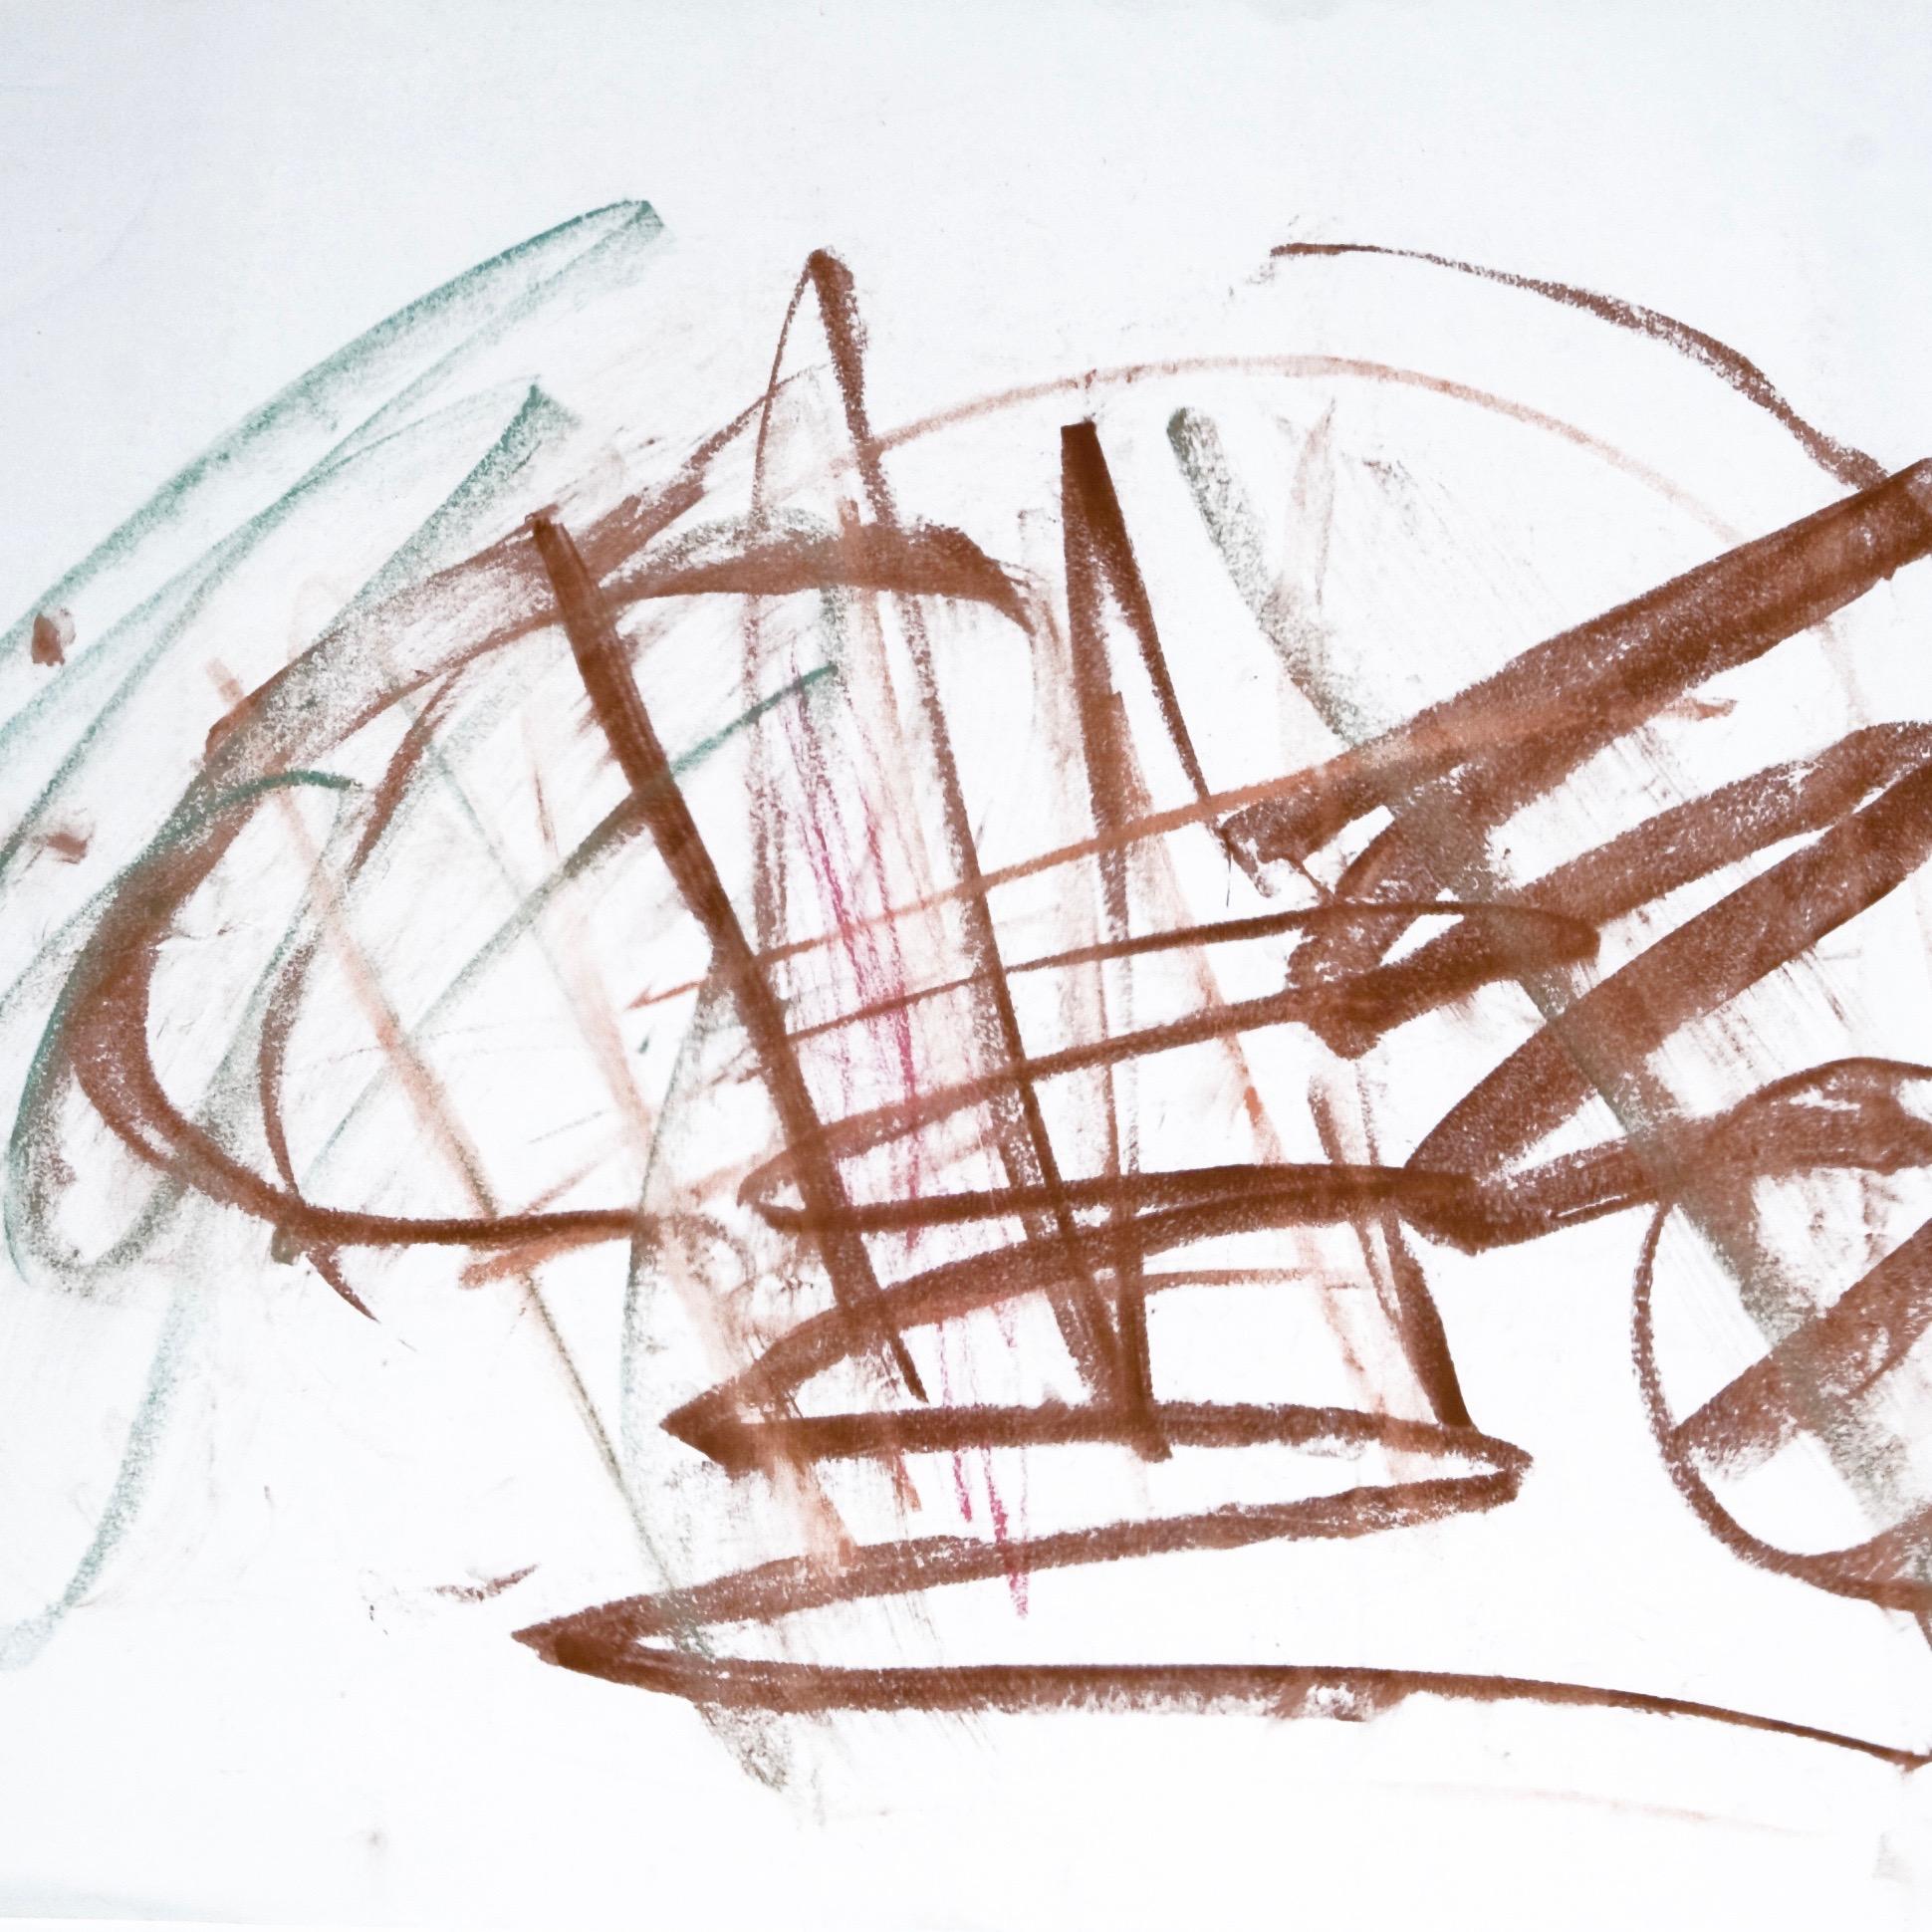 Sita 0196, 2009, Wachsmalstift auf Papier, 45 x 61 cm